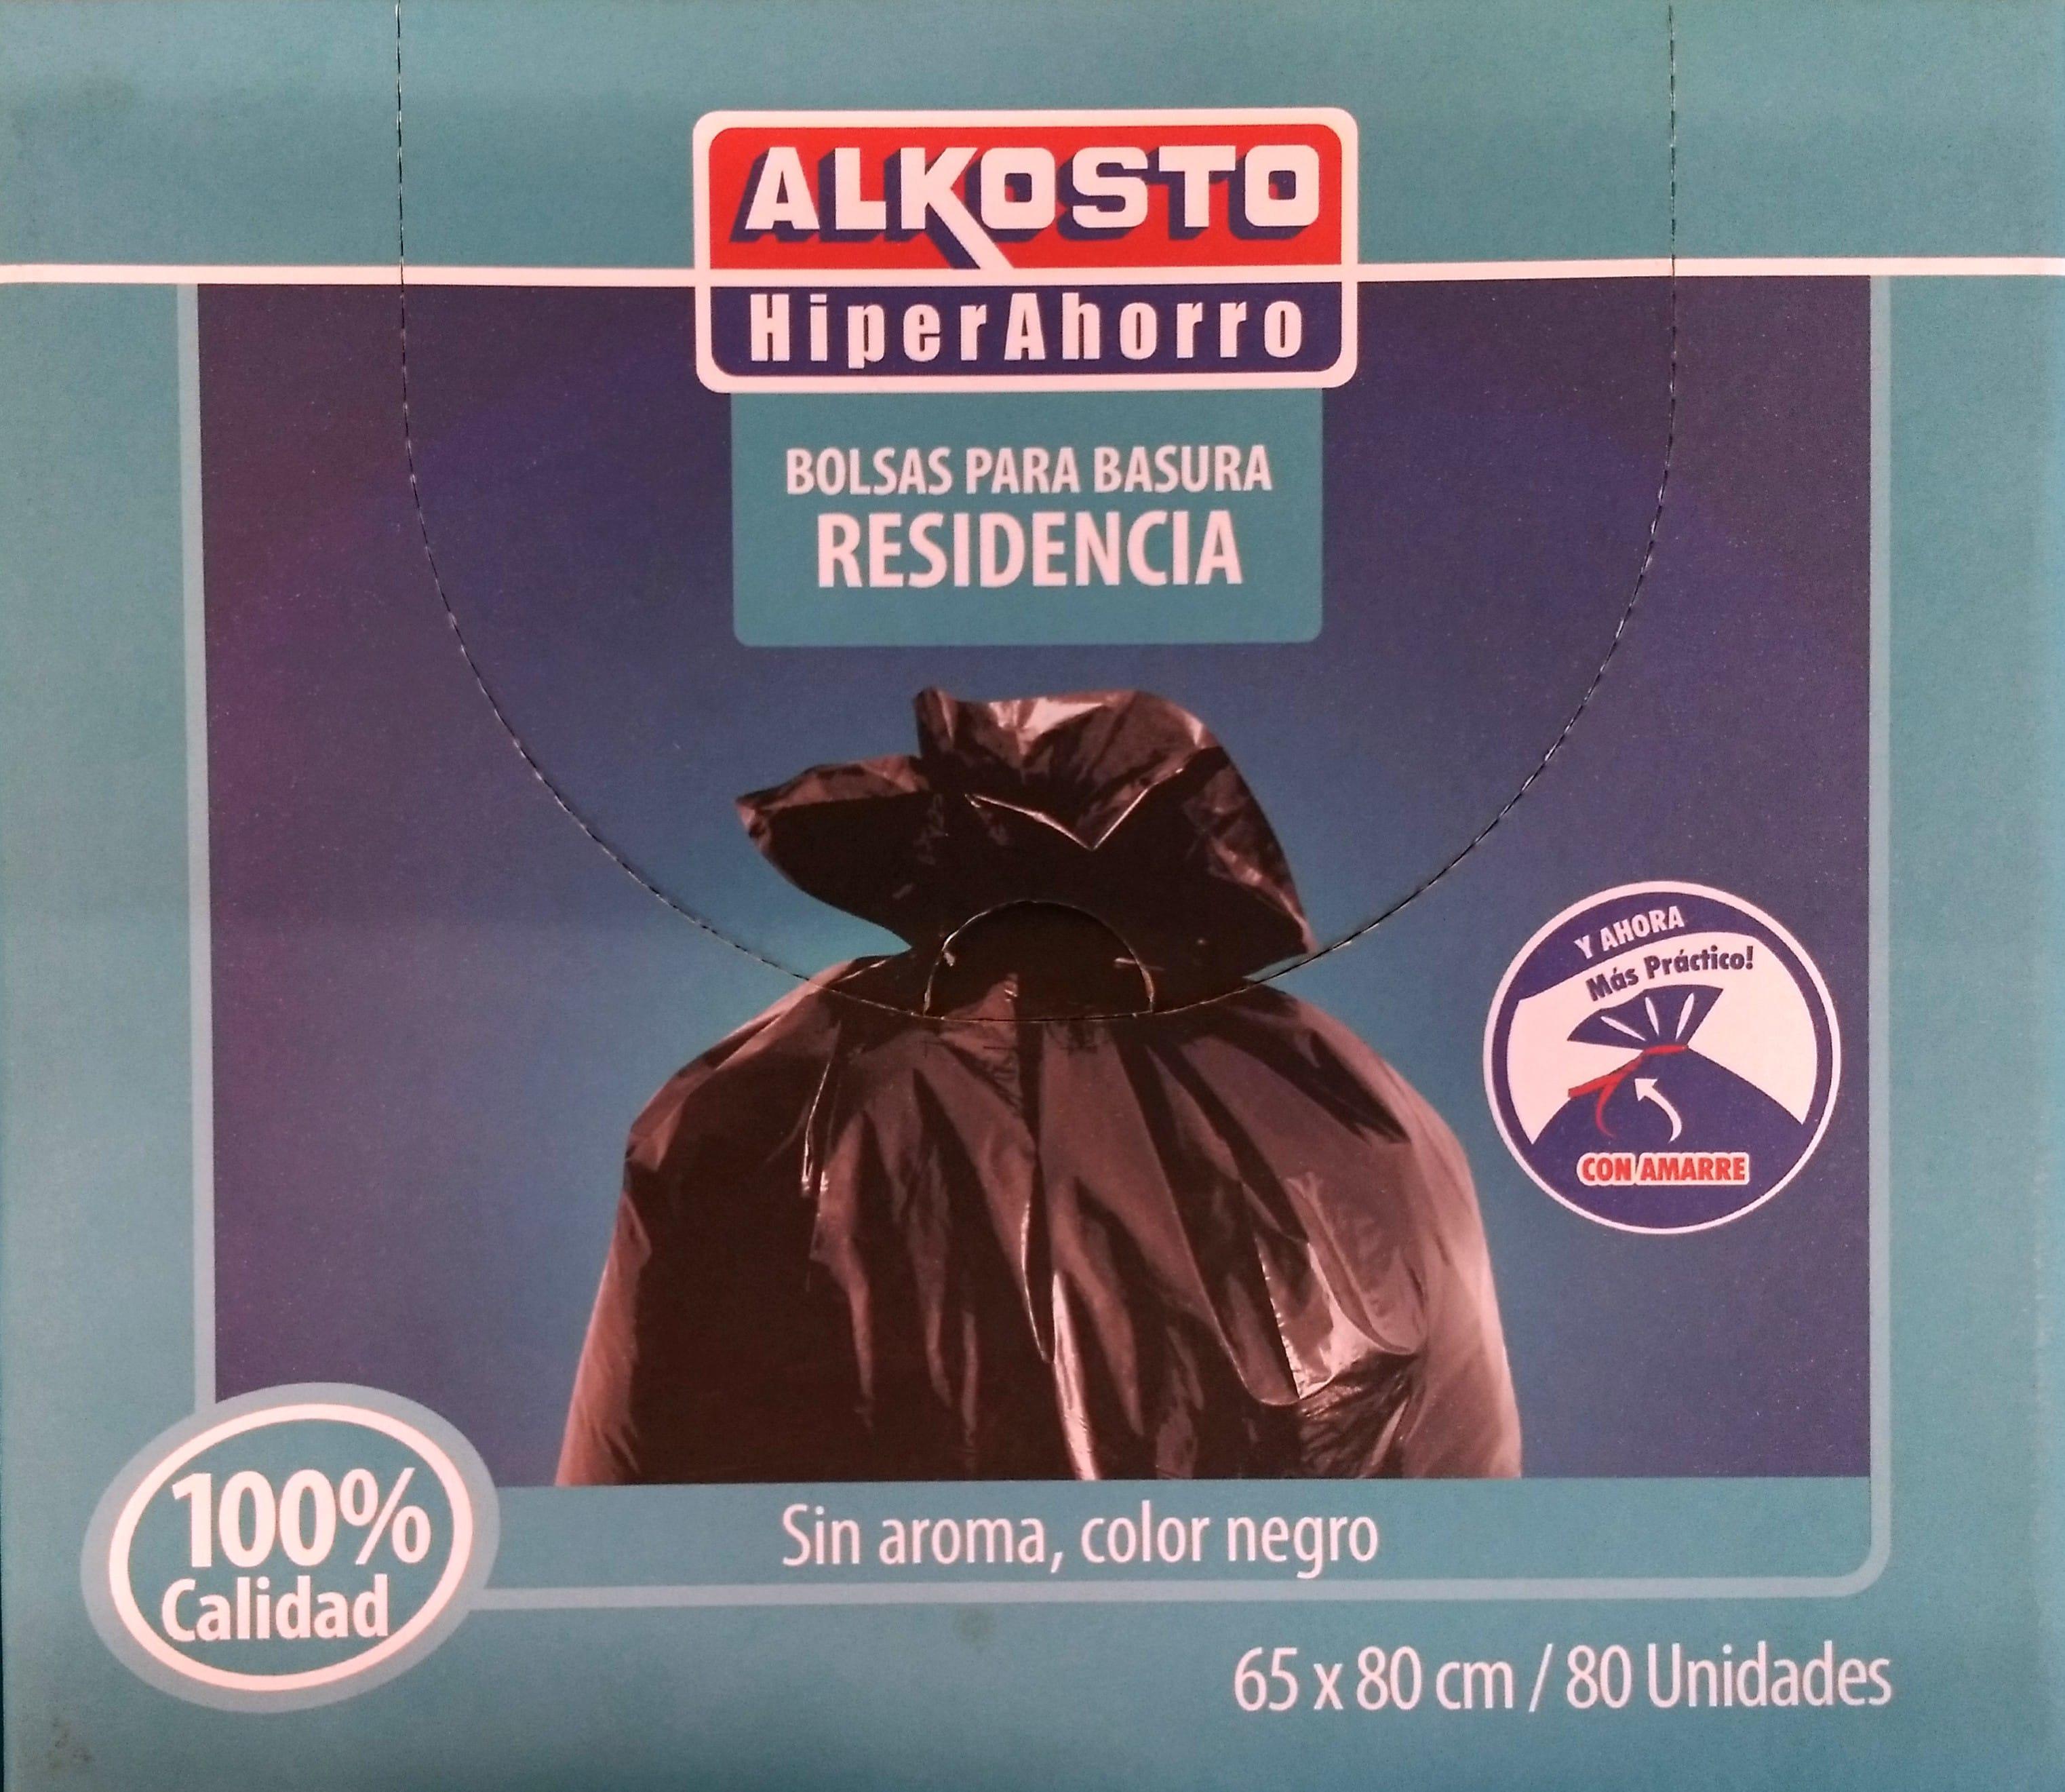 Bolsa Basura Casa Alkosto 65x80 Caja X80u